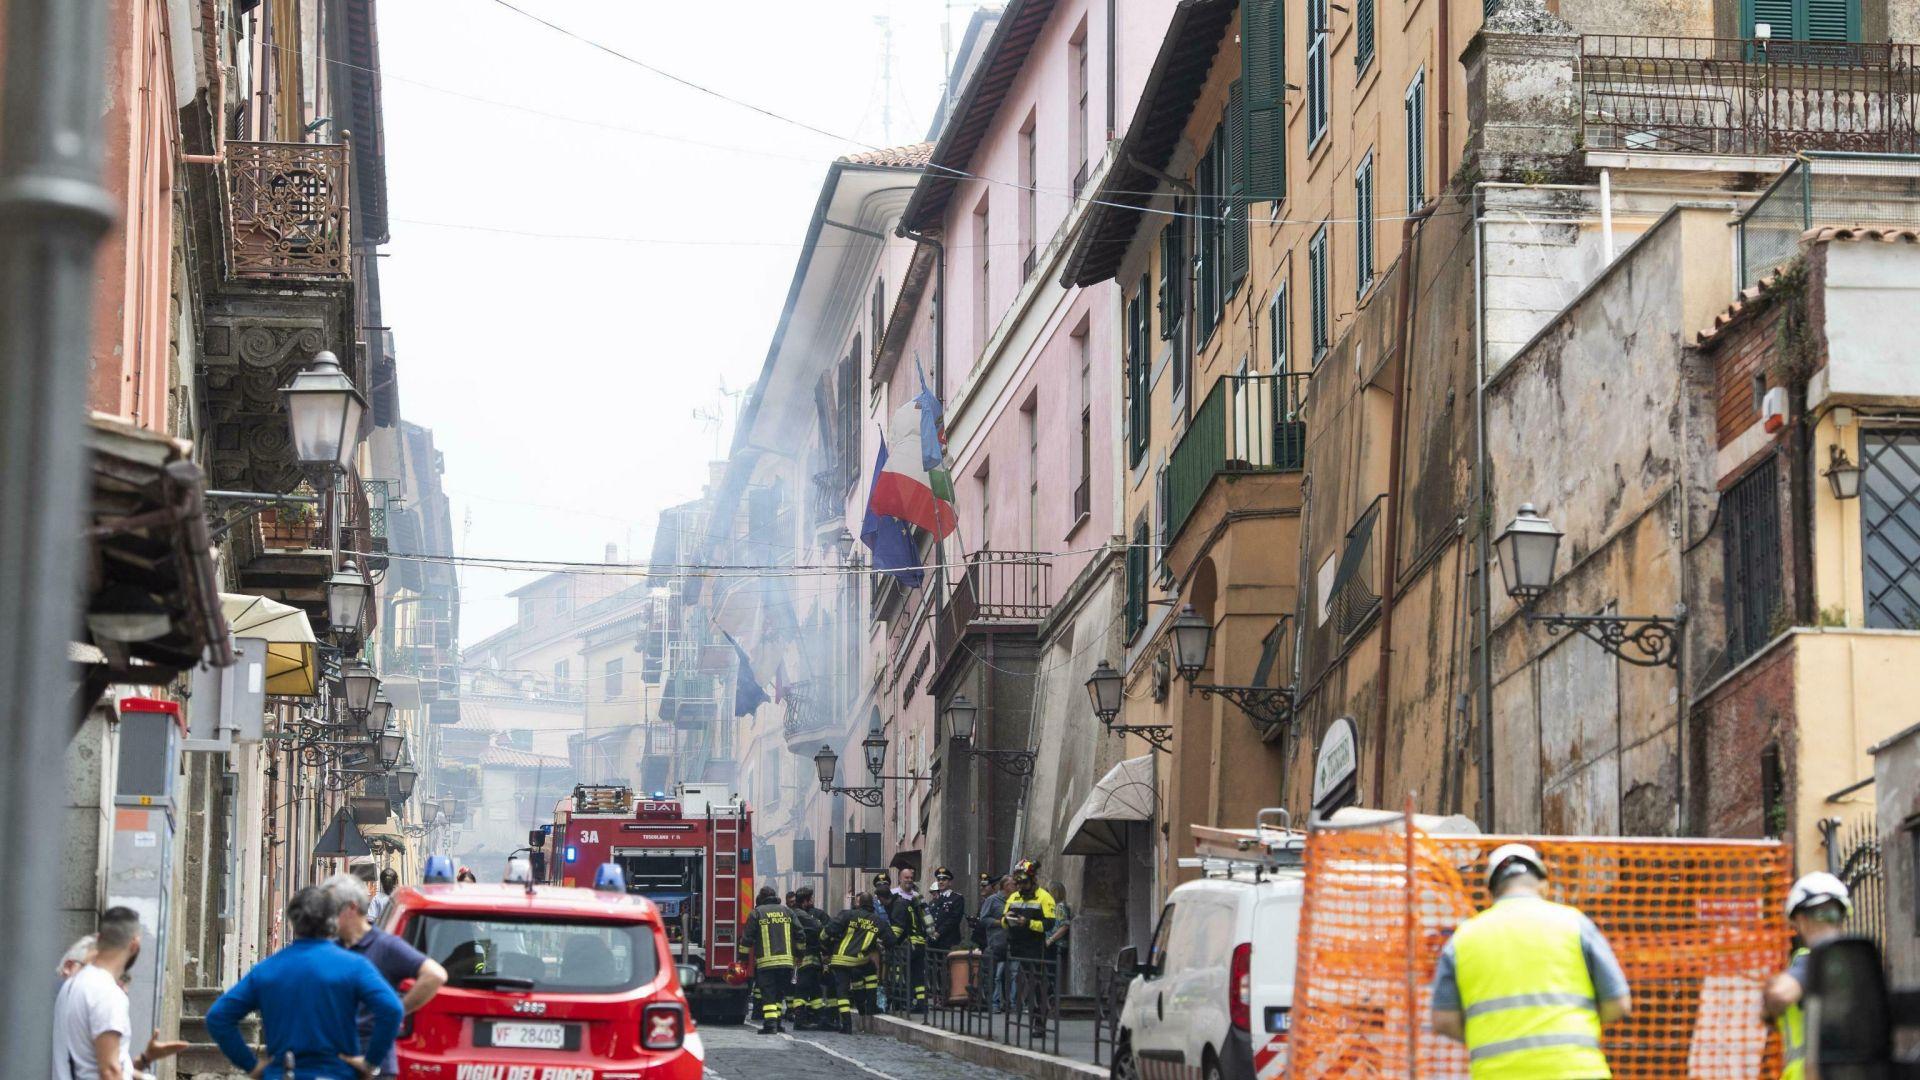 Деца и кмет ранени при газова експлозия в градче до Рим (видео)